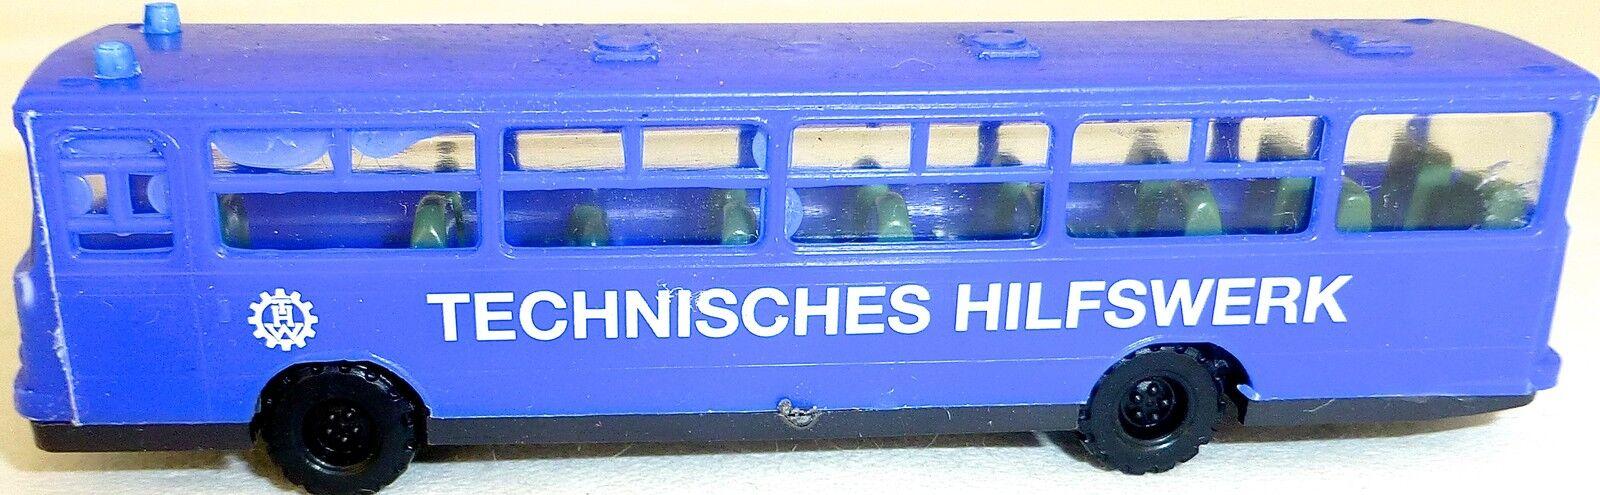 THW TECHNISCHES HILFSWERK Ikarus Bus TT 1 120  HN 5               å